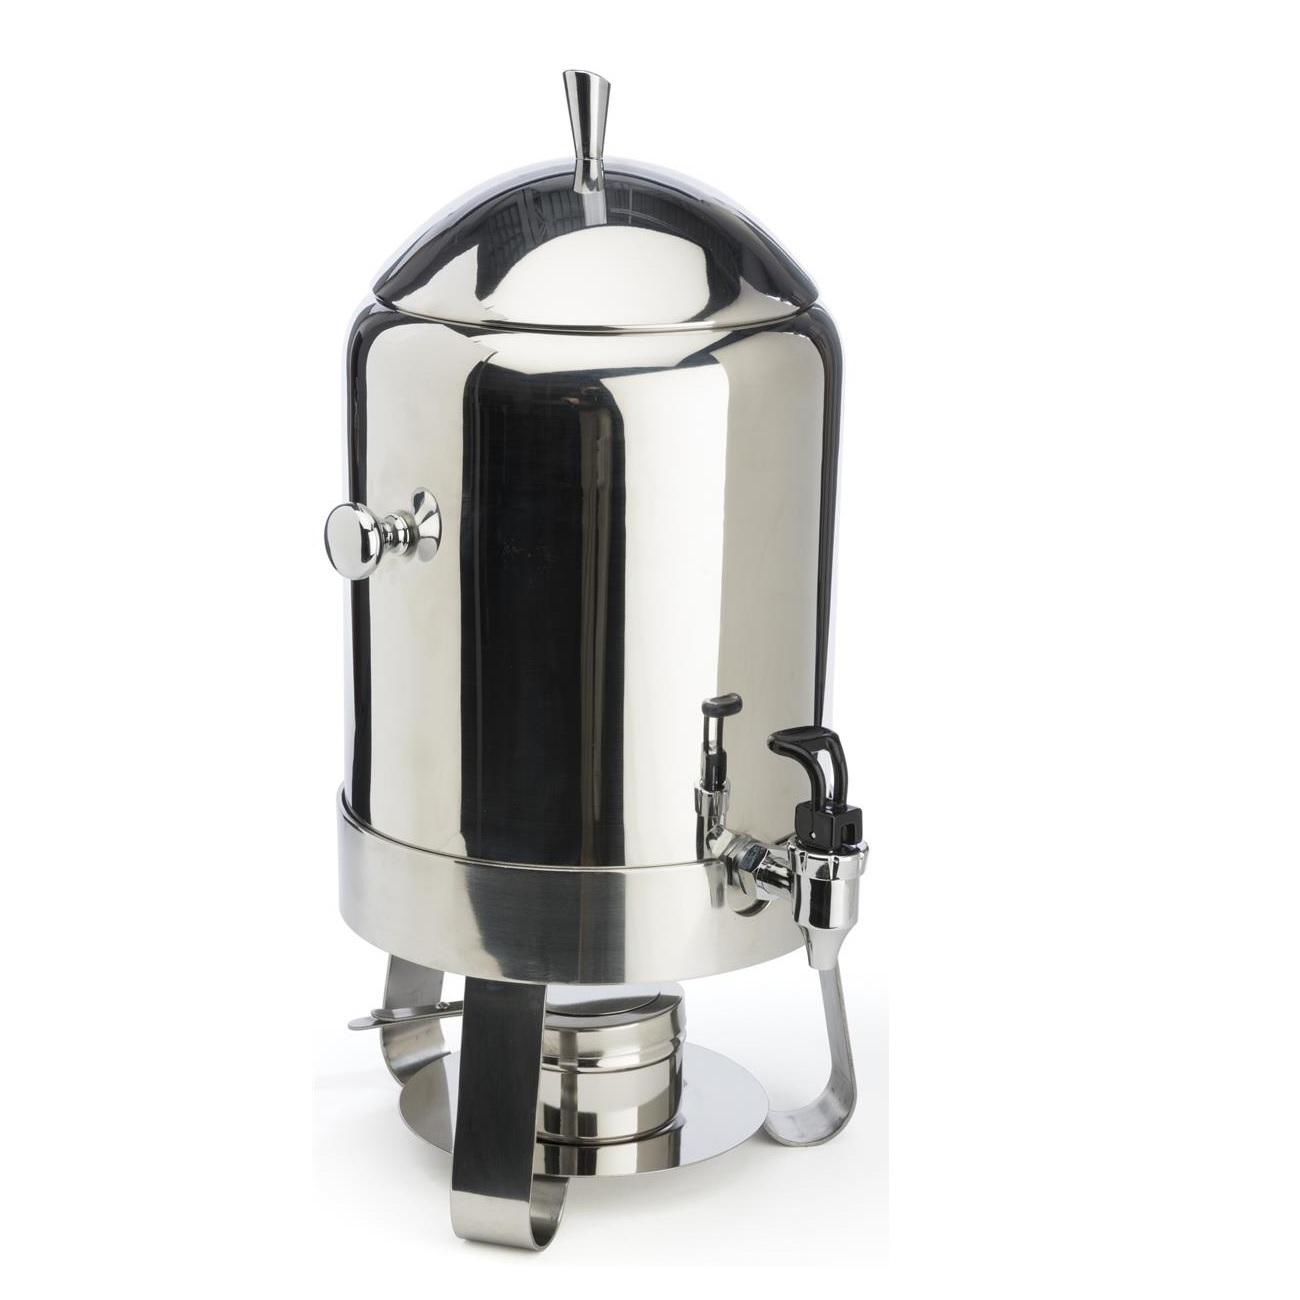 035.0241 Ανοξείδωτος Διανεμητής Καφέ 11 lt - 300x300x544mm black week προσφορές   διανεμητές  επαγγελματικός εξοπλισμός   επαγγελματικά σκε